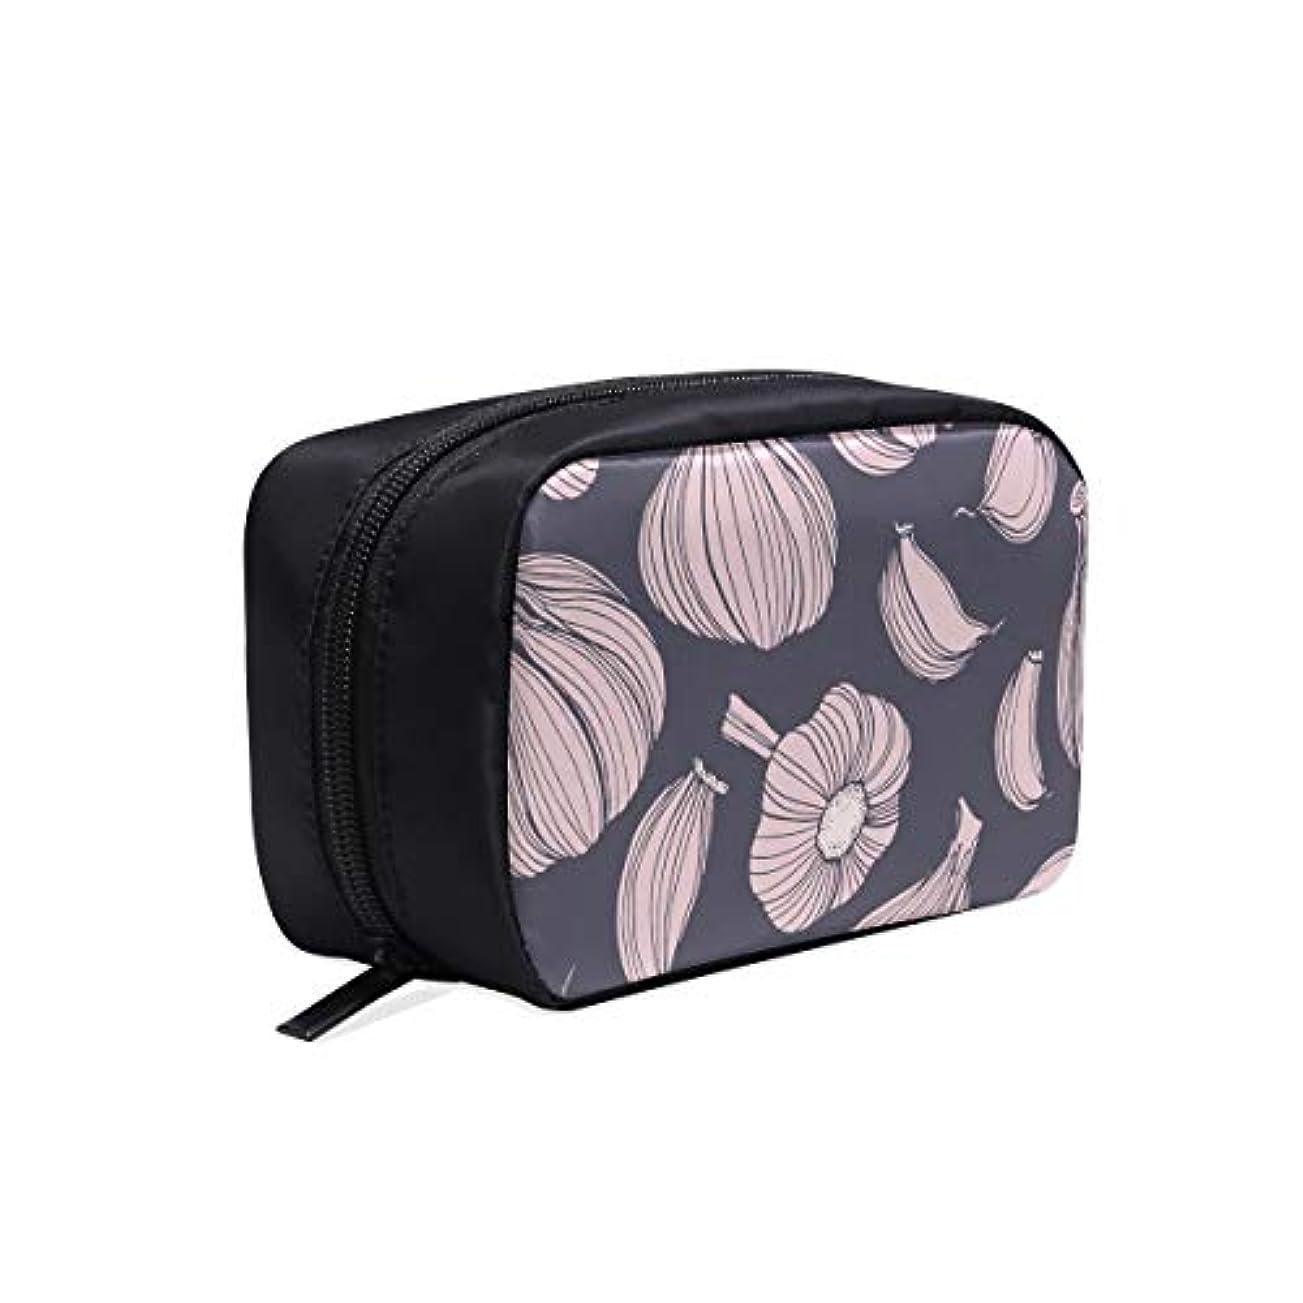 フィールド虫スイCKYHYC メイクポーチ にんにく ボックス コスメ収納 化粧品収納ケース 大容量 収納 化粧品入れ 化粧バッグ 旅行用 メイクブラシバッグ 化粧箱 持ち運び便利 プロ用